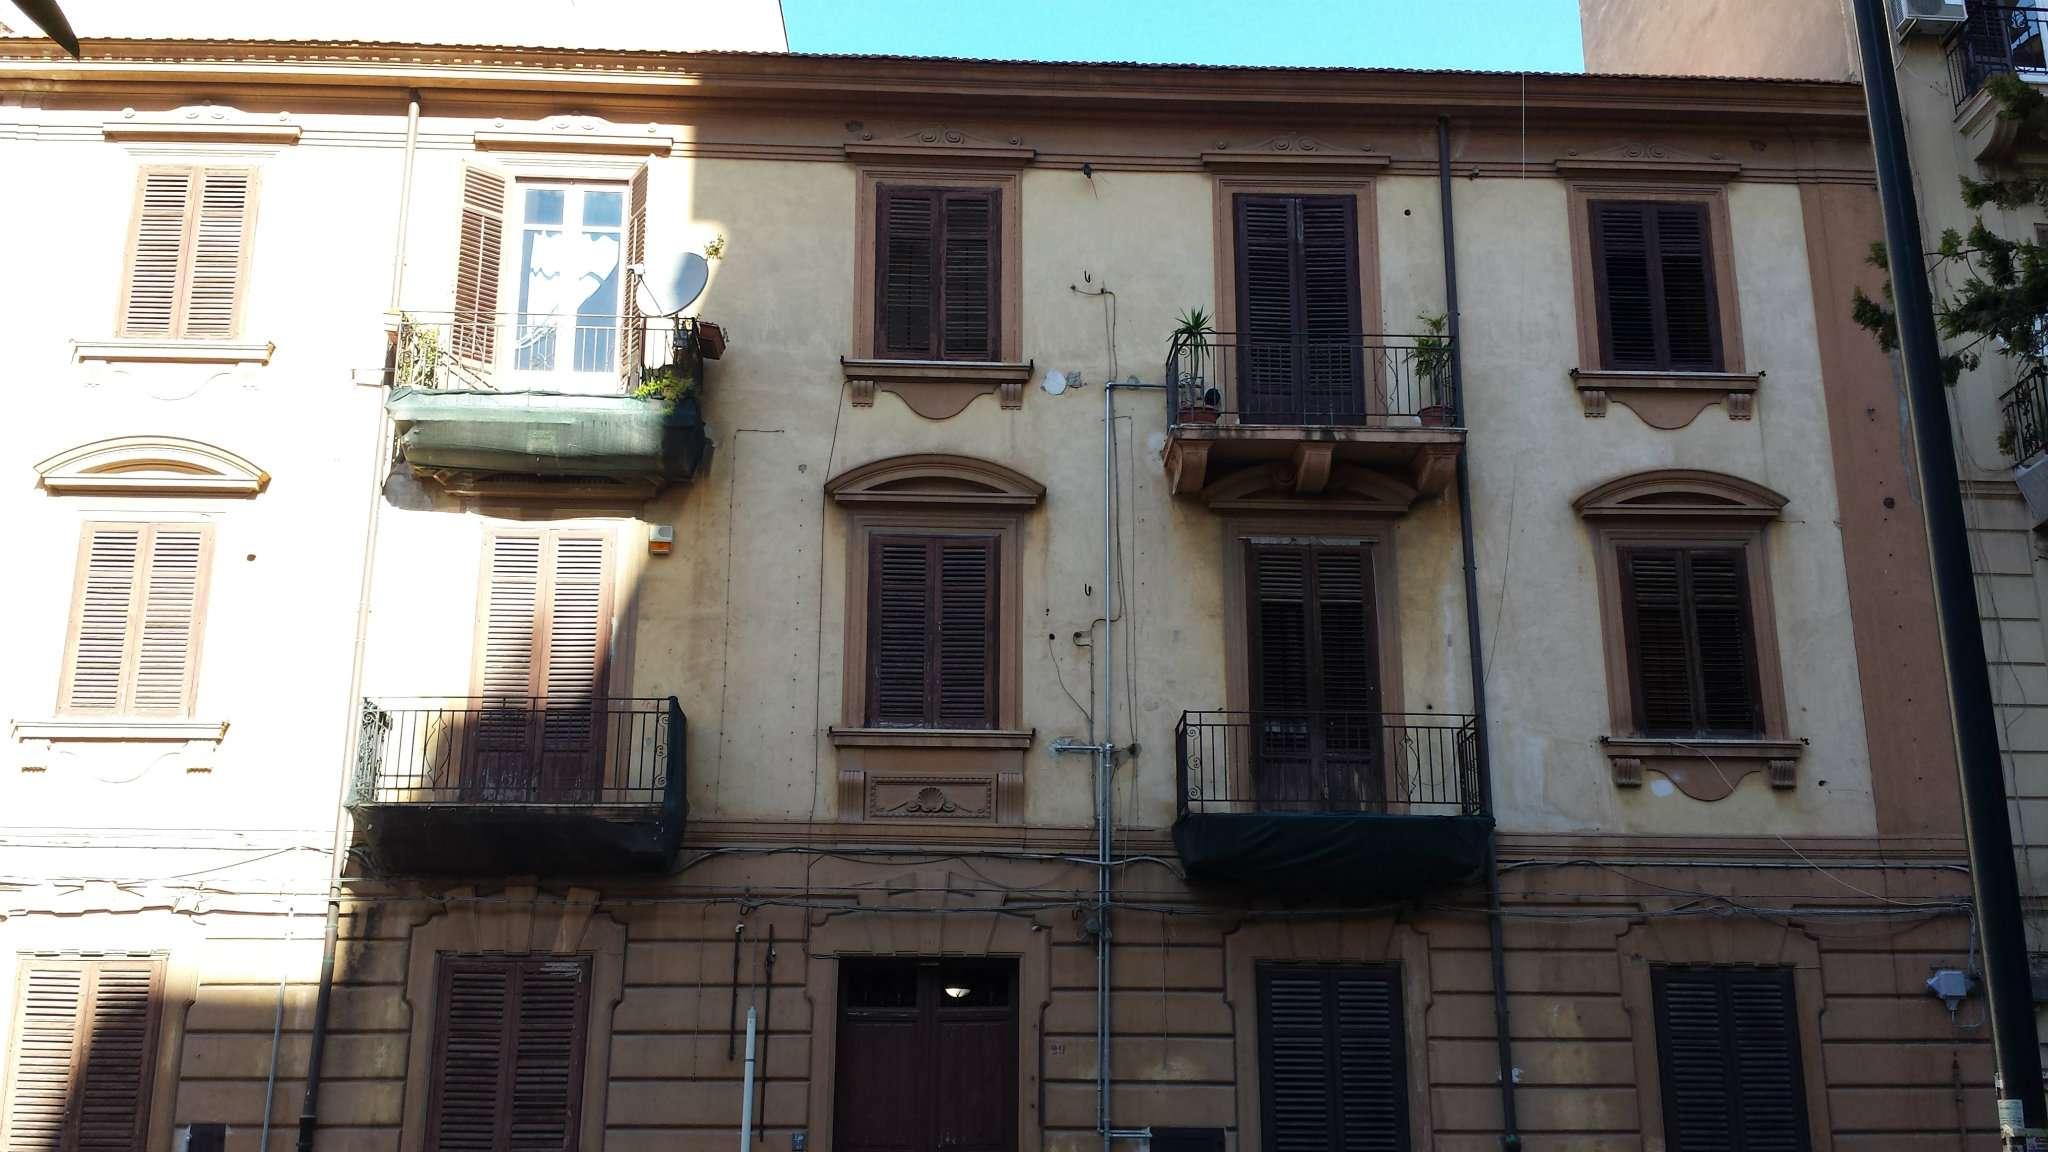 Appartamento in affitto a palermo via ariosto trovocasa for Affitto bilocale palermo arredato